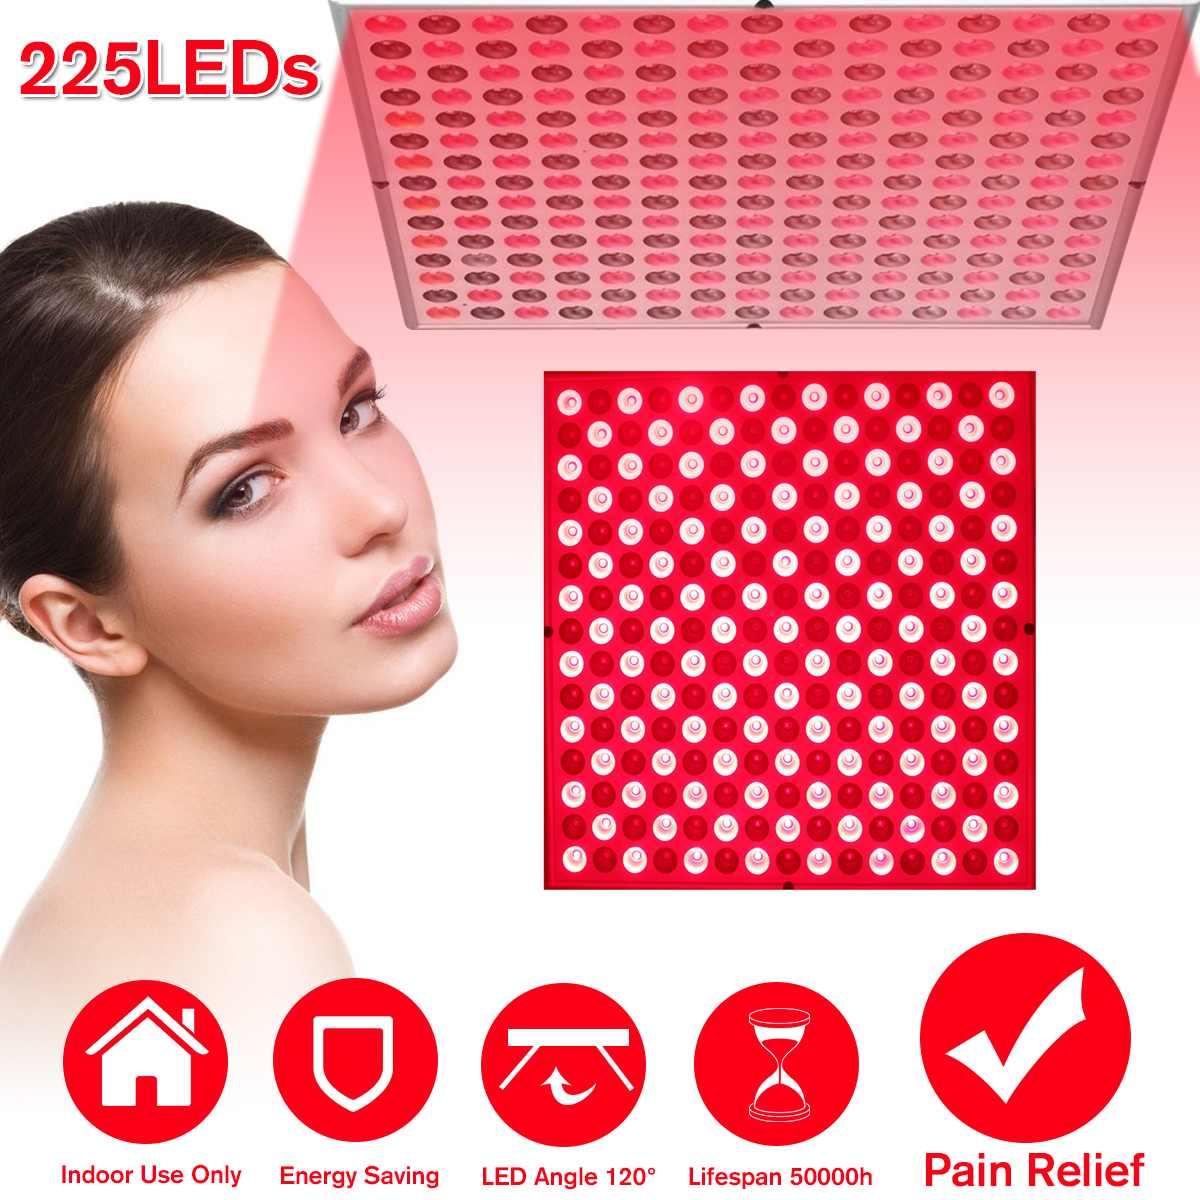 45w 850nm vermelho led terapia de luz infravermelho 225 led anti envelhecimento terapia luz para corpo inteiro alívio da dor da pele vermelho led cresce a luz